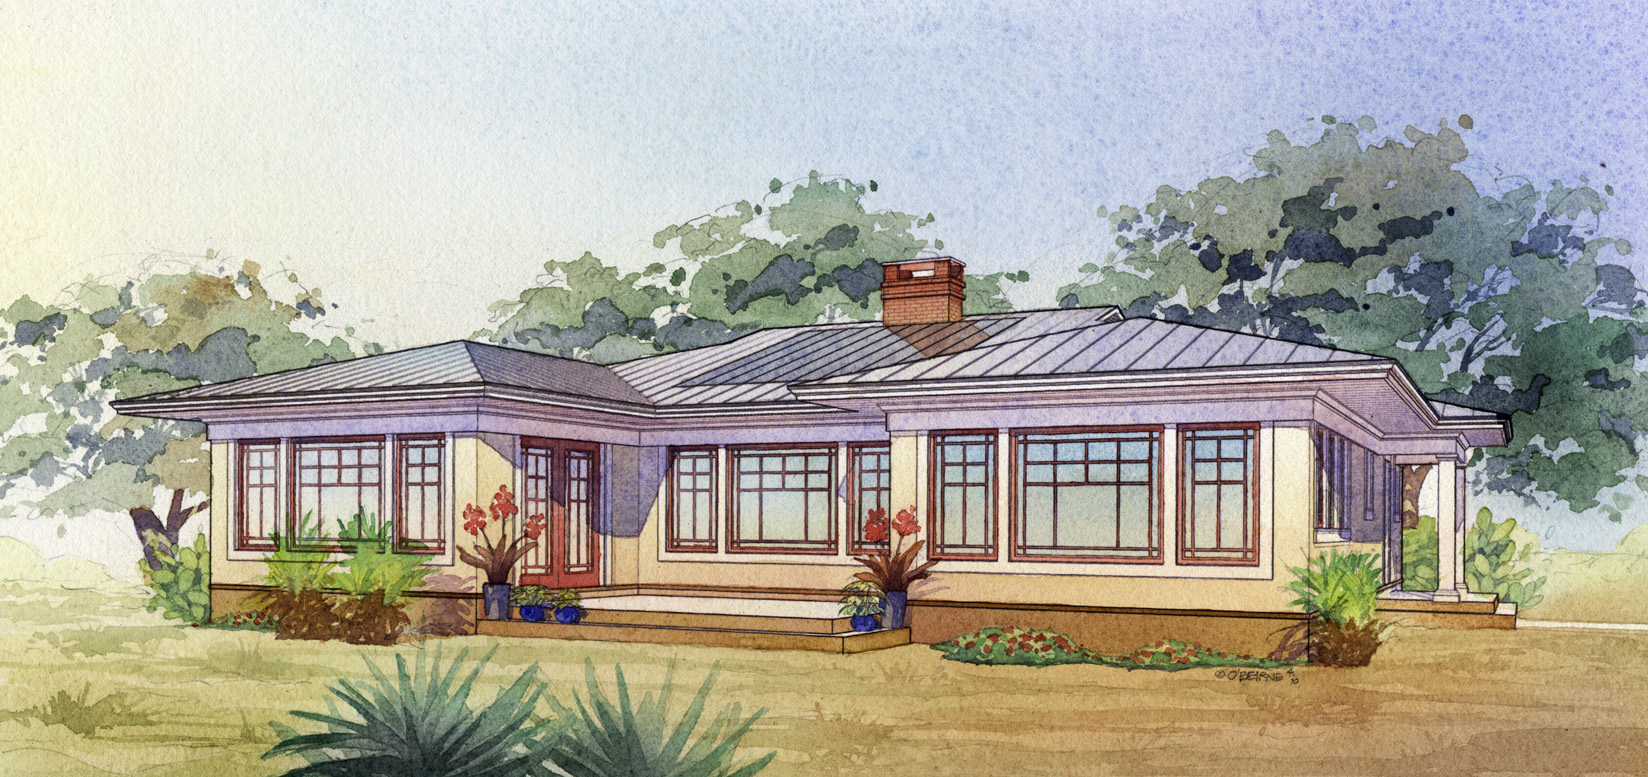 Southwest Passive Solar Design 16508ar Architectural